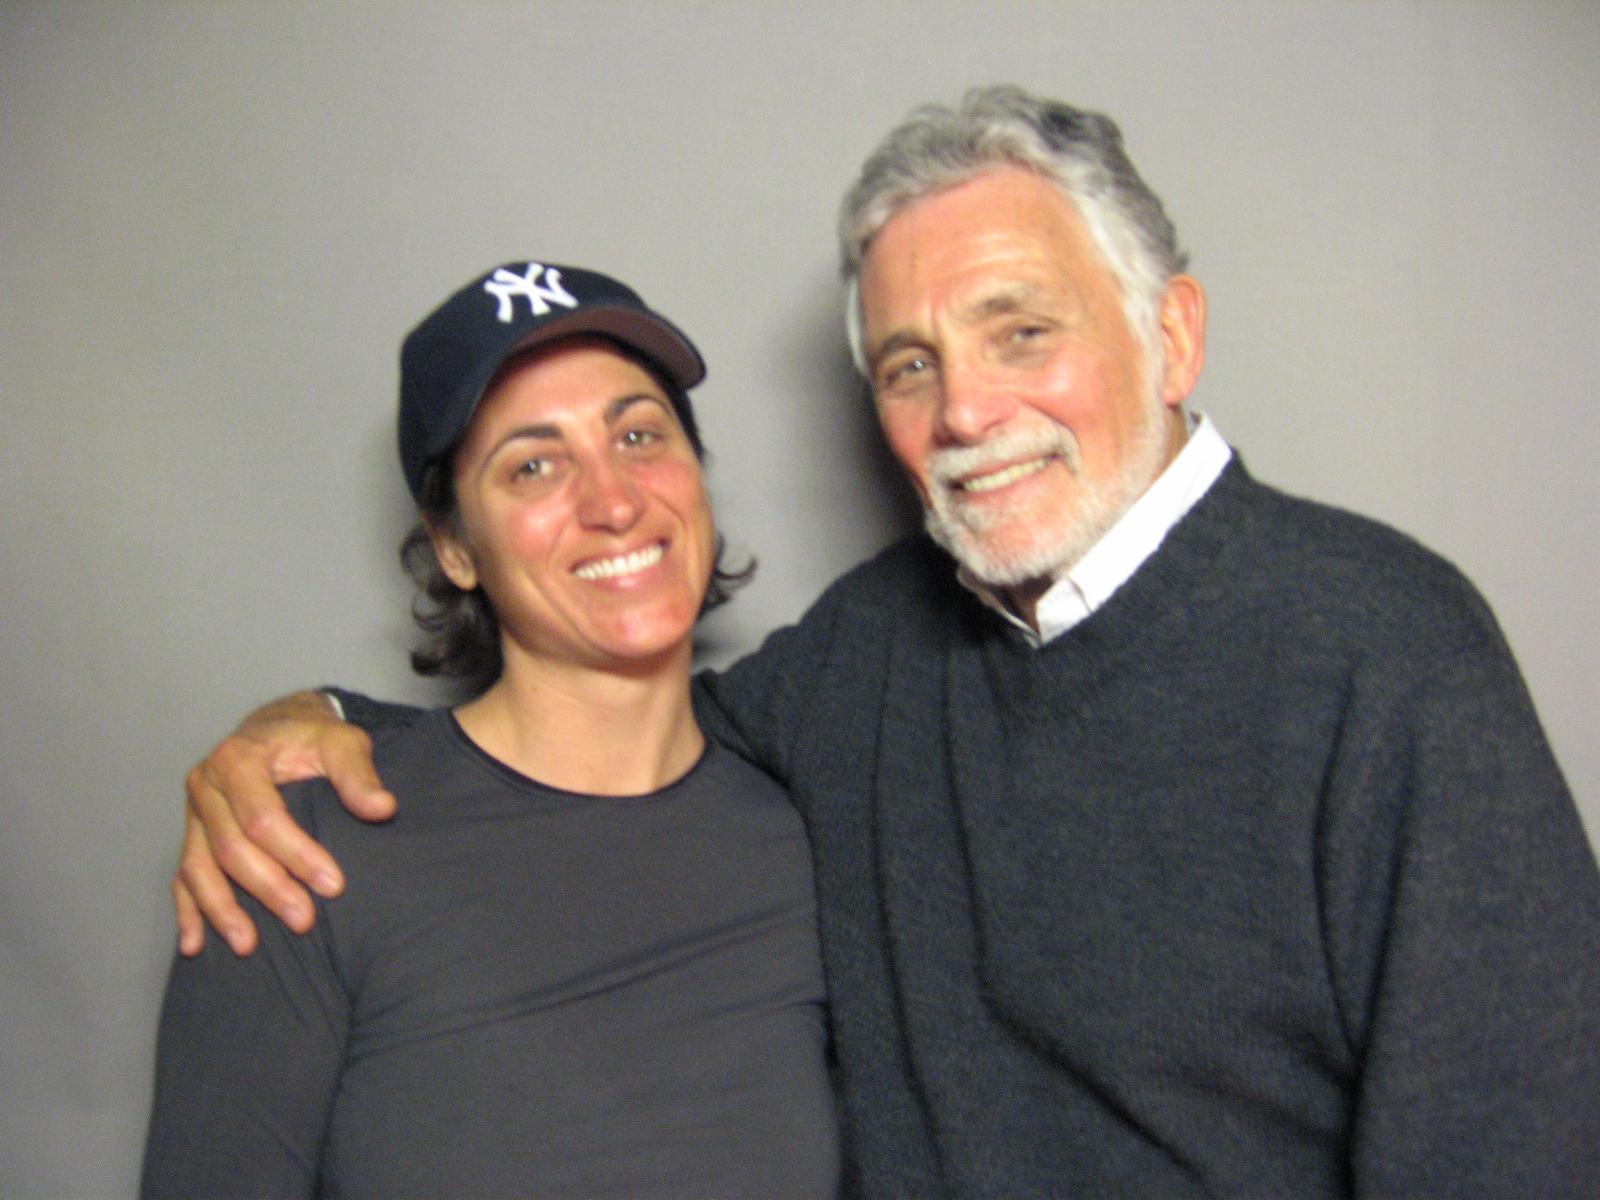 David Hedison and Serena Hedison